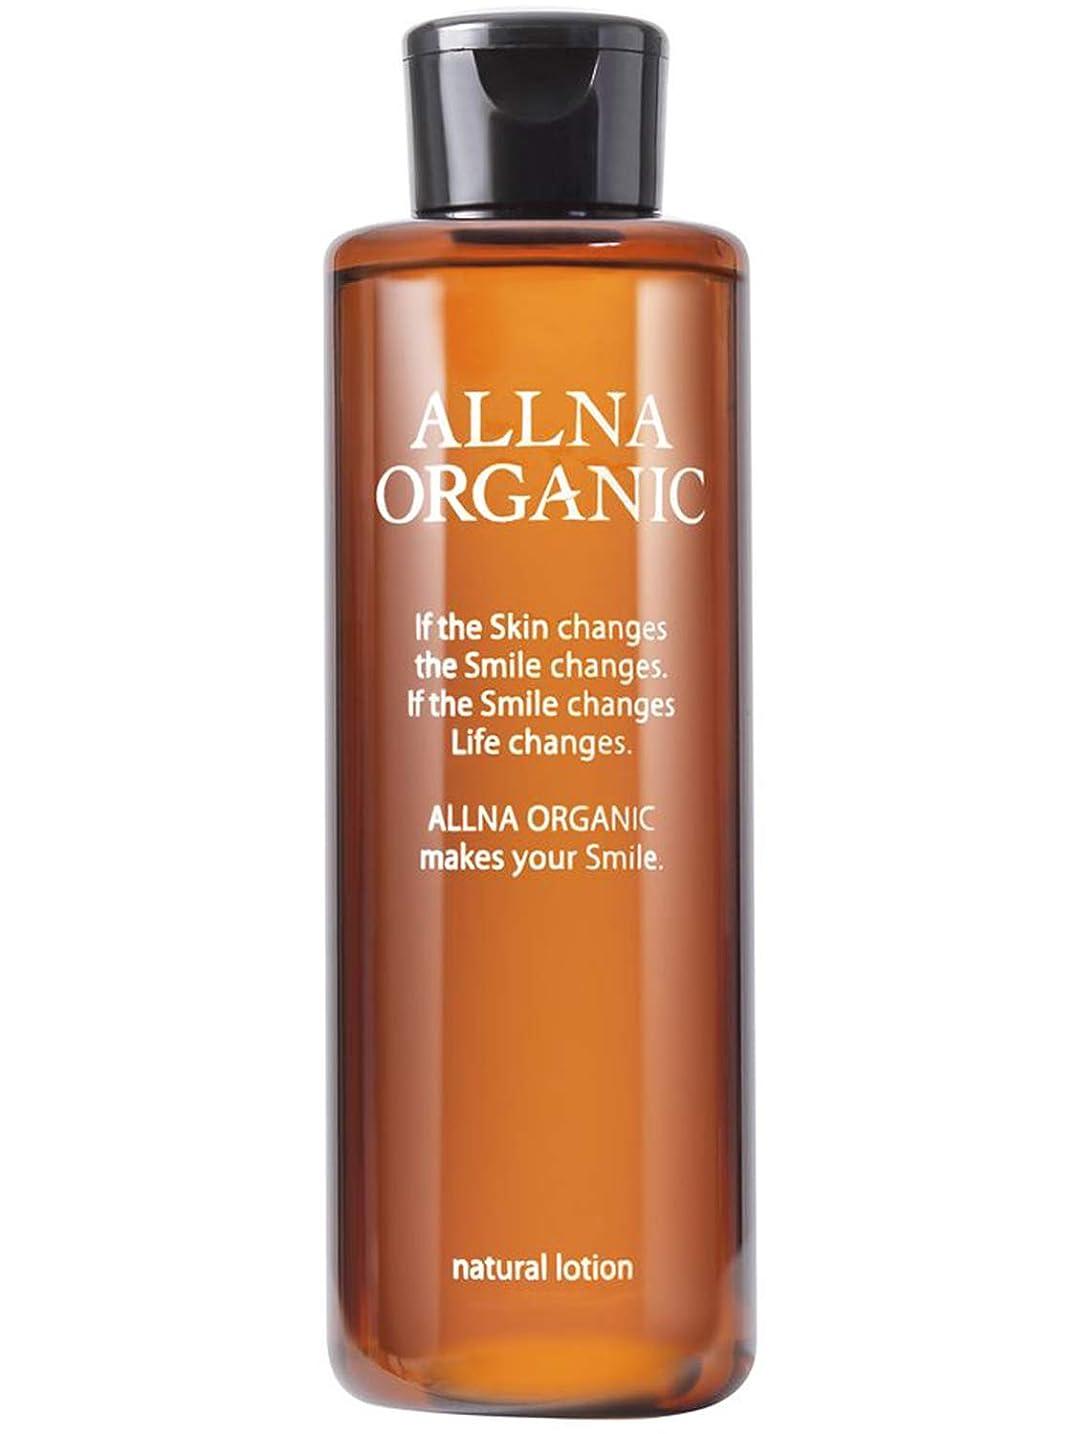 ウルル経歴教えてオルナ オーガニック 化粧水 「 保湿 乾燥 かさつき 用」「 コラーゲン ビタミンC誘導体 ヒアルロン酸 セラミド 配合」200ml